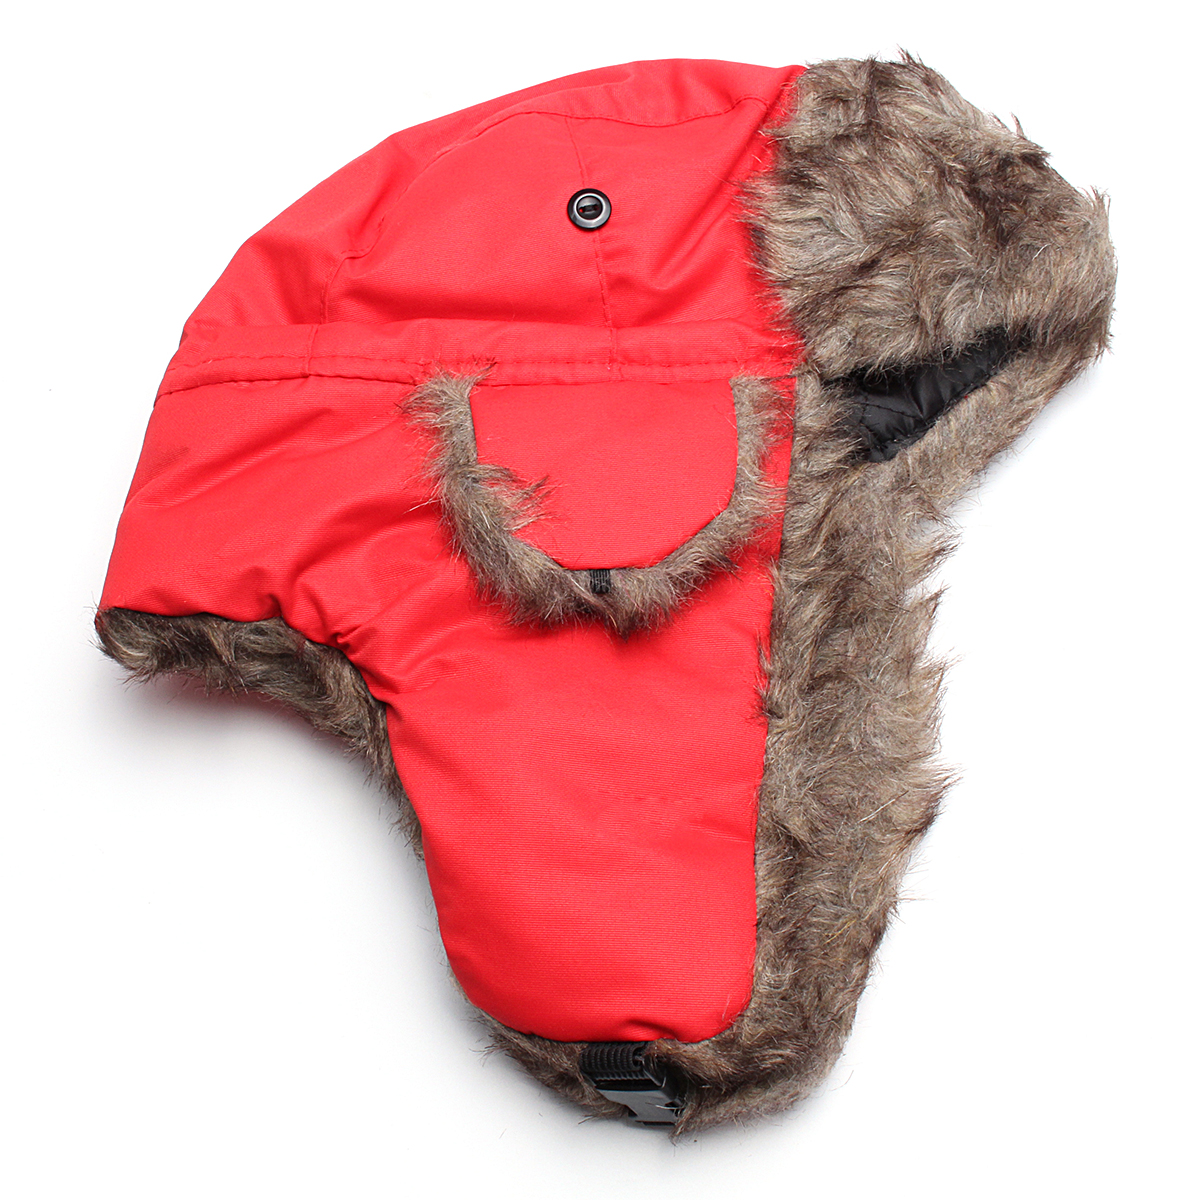 Unisexe-Chapeau-Bonnet-Russe-Chapka-Fourrure-Cache-Oreille-Masque-Hiver-Chaud